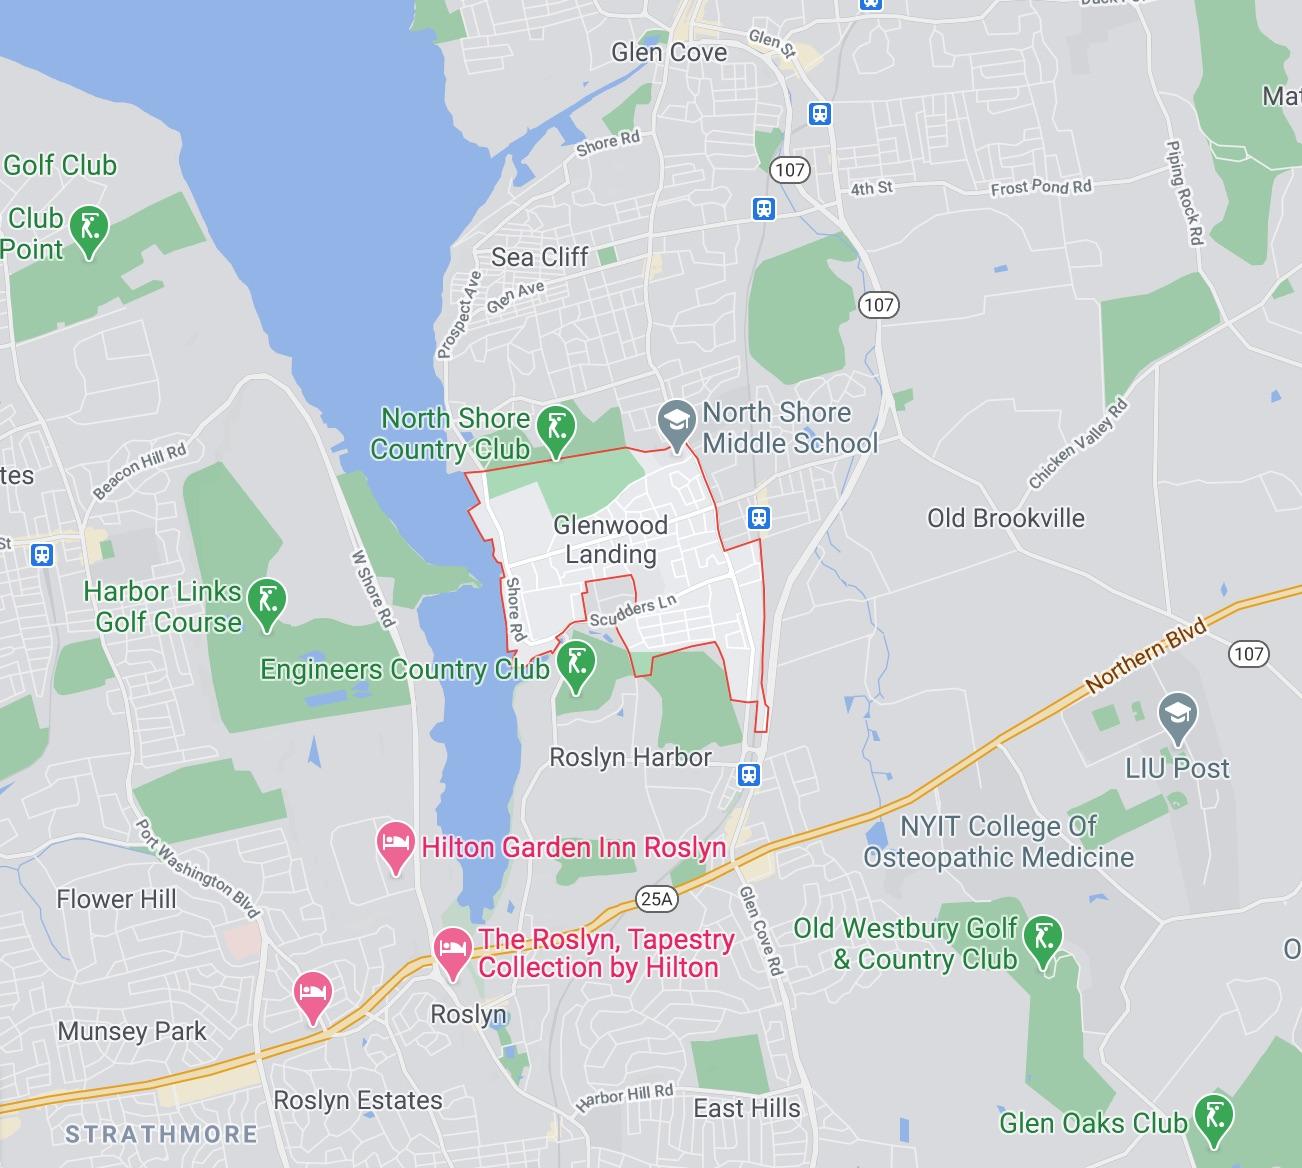 near, Glenwood, Landing, Glenwood Landing, NY, New York, long, Island, longisland, pet, store, petst